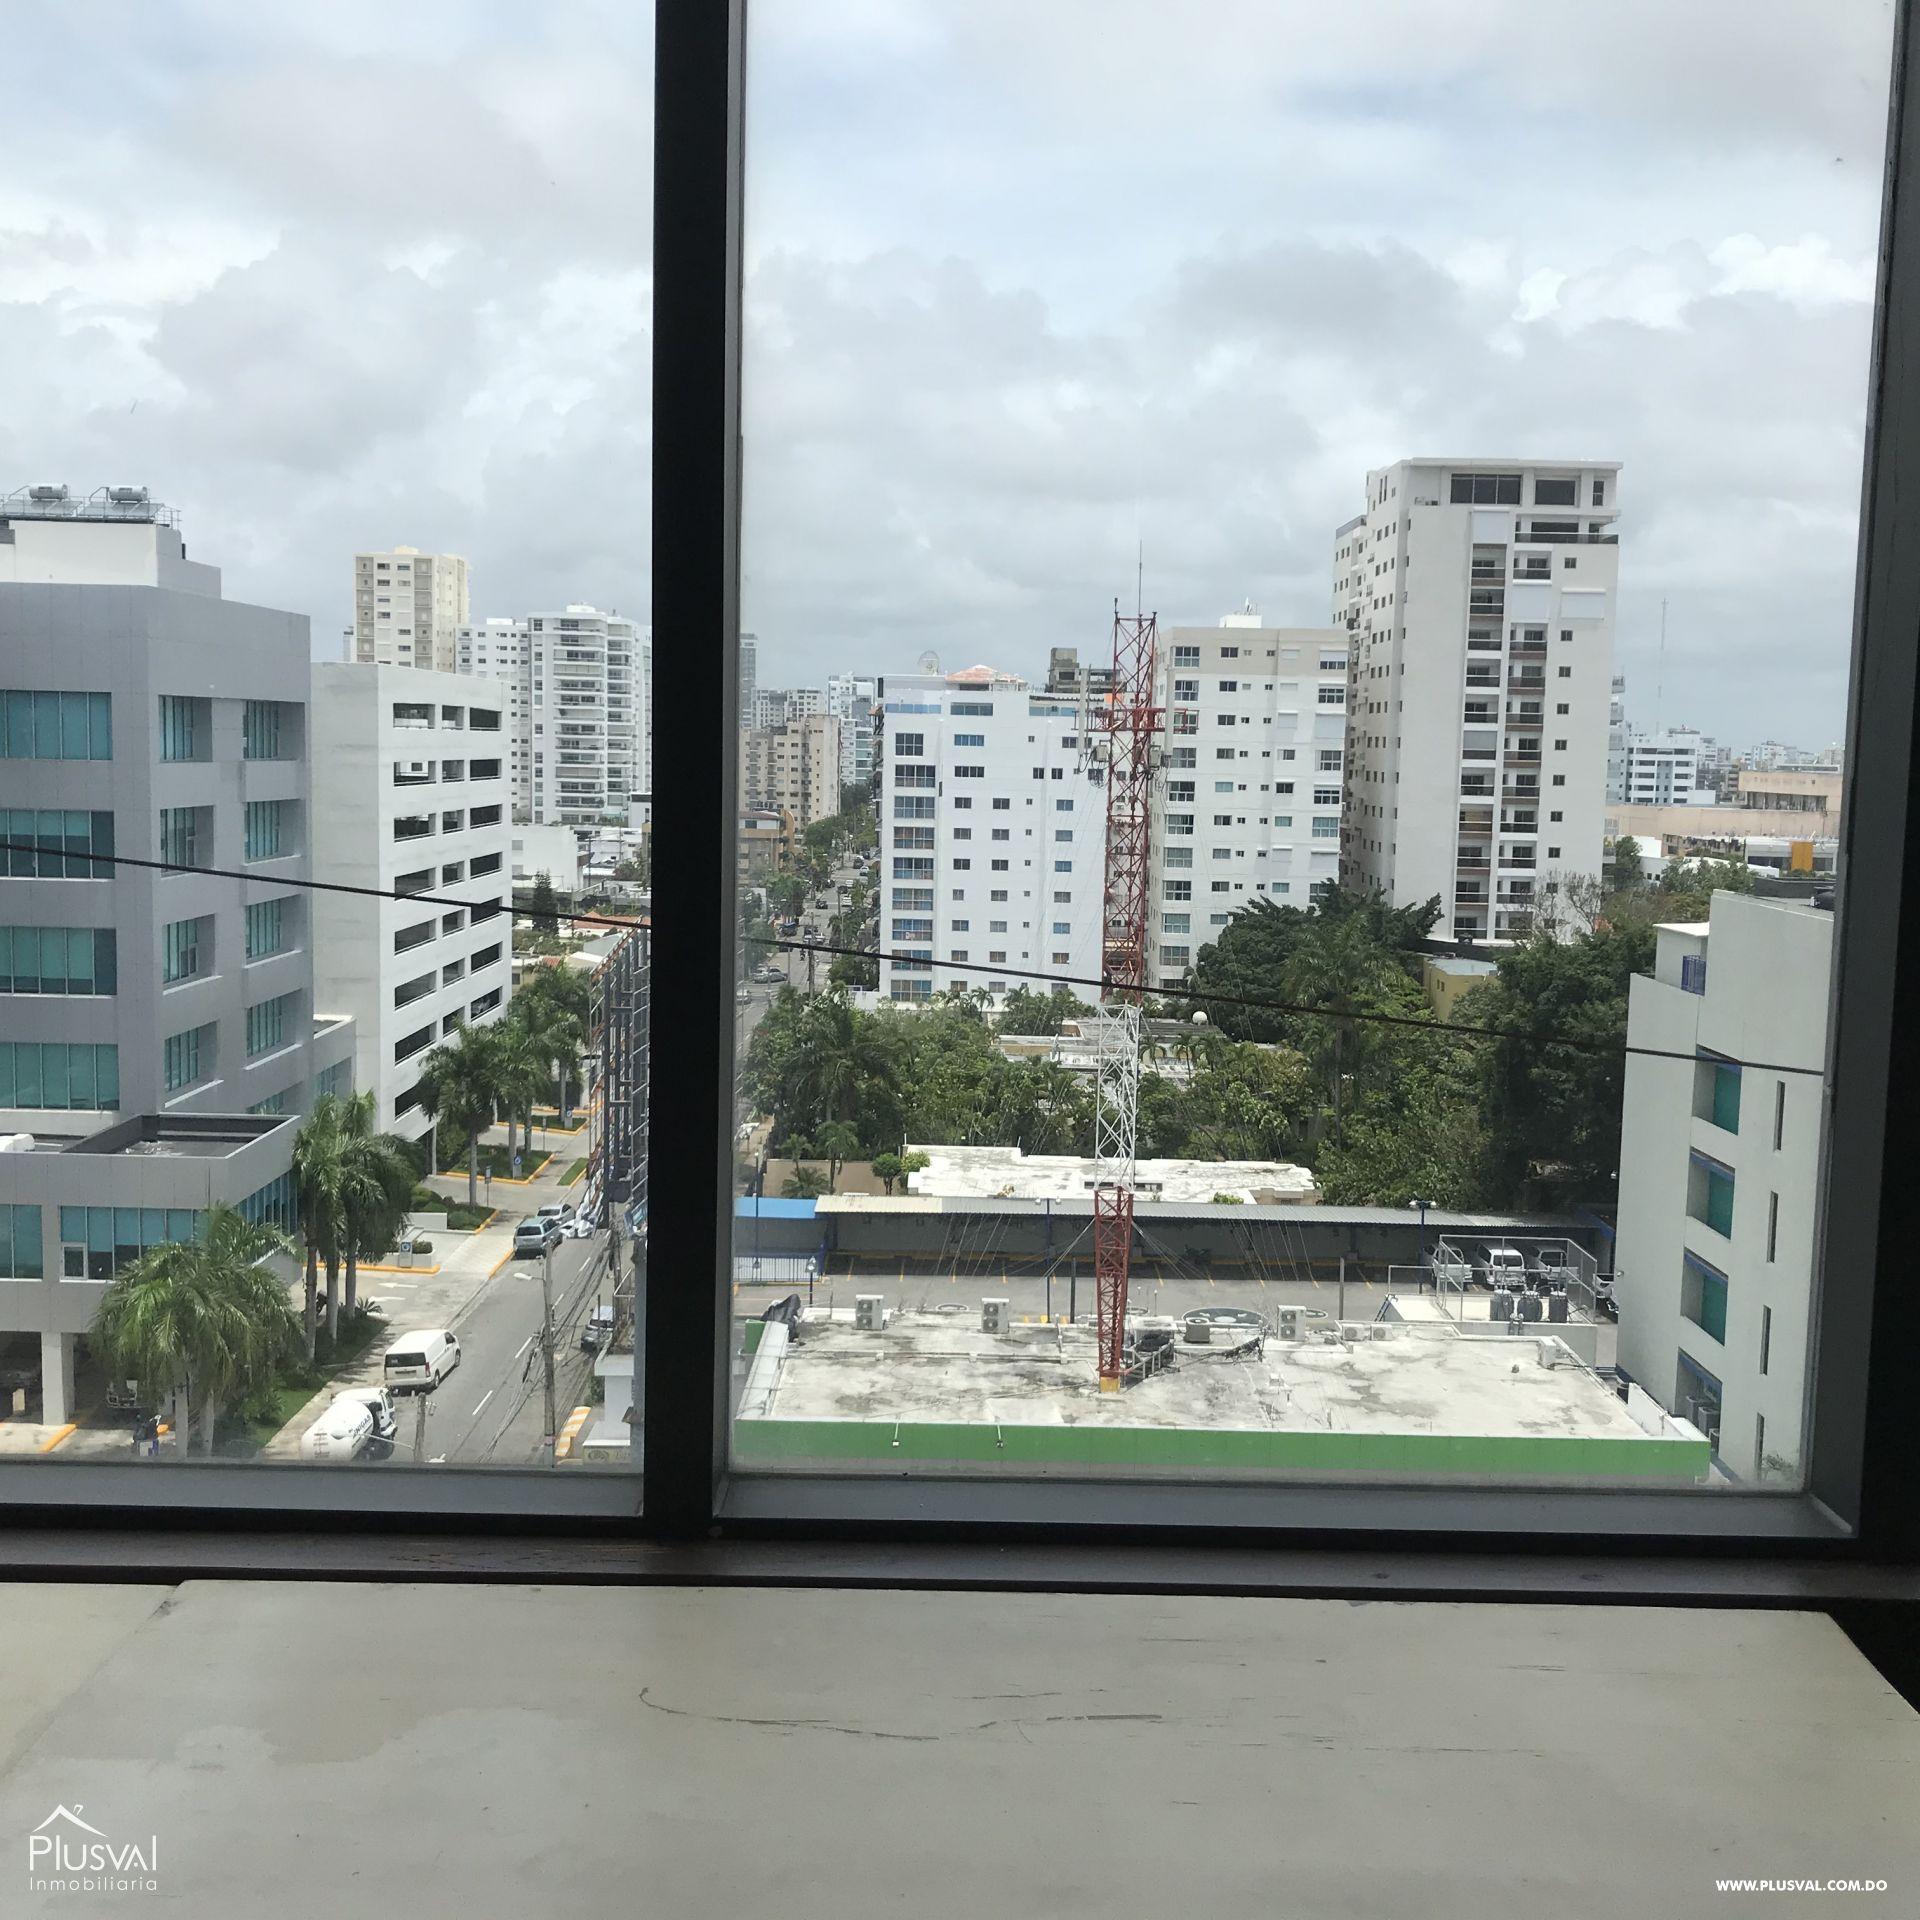 Oficina con excelente vista a la ciudad en alquiler